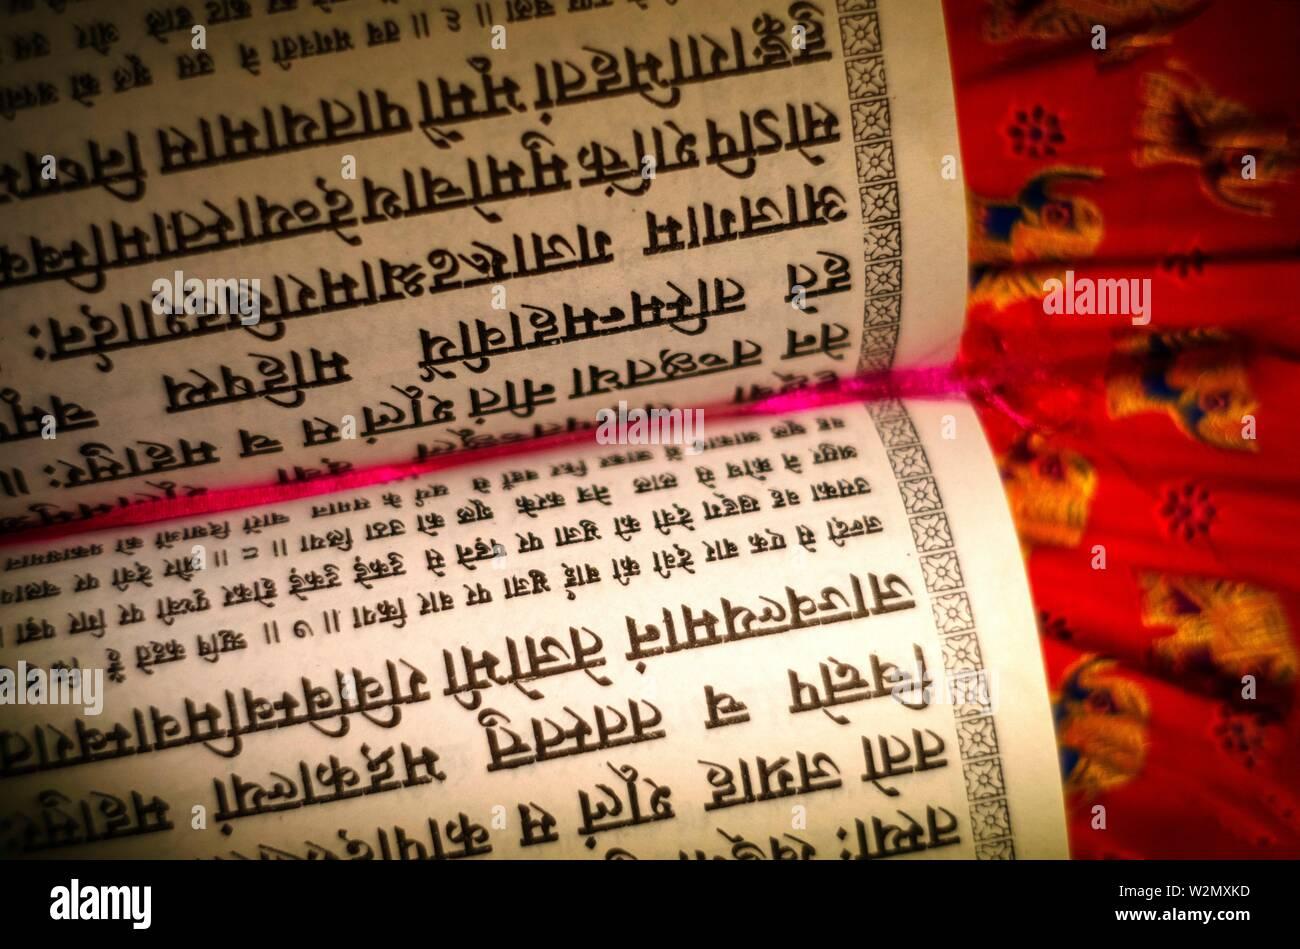 La religione, Budhism- libro religioso in sankrit..sanscrito. Il sanscrito è una lingua antica India con una storia documentata di circa 3.500 anni. È Immagini Stock